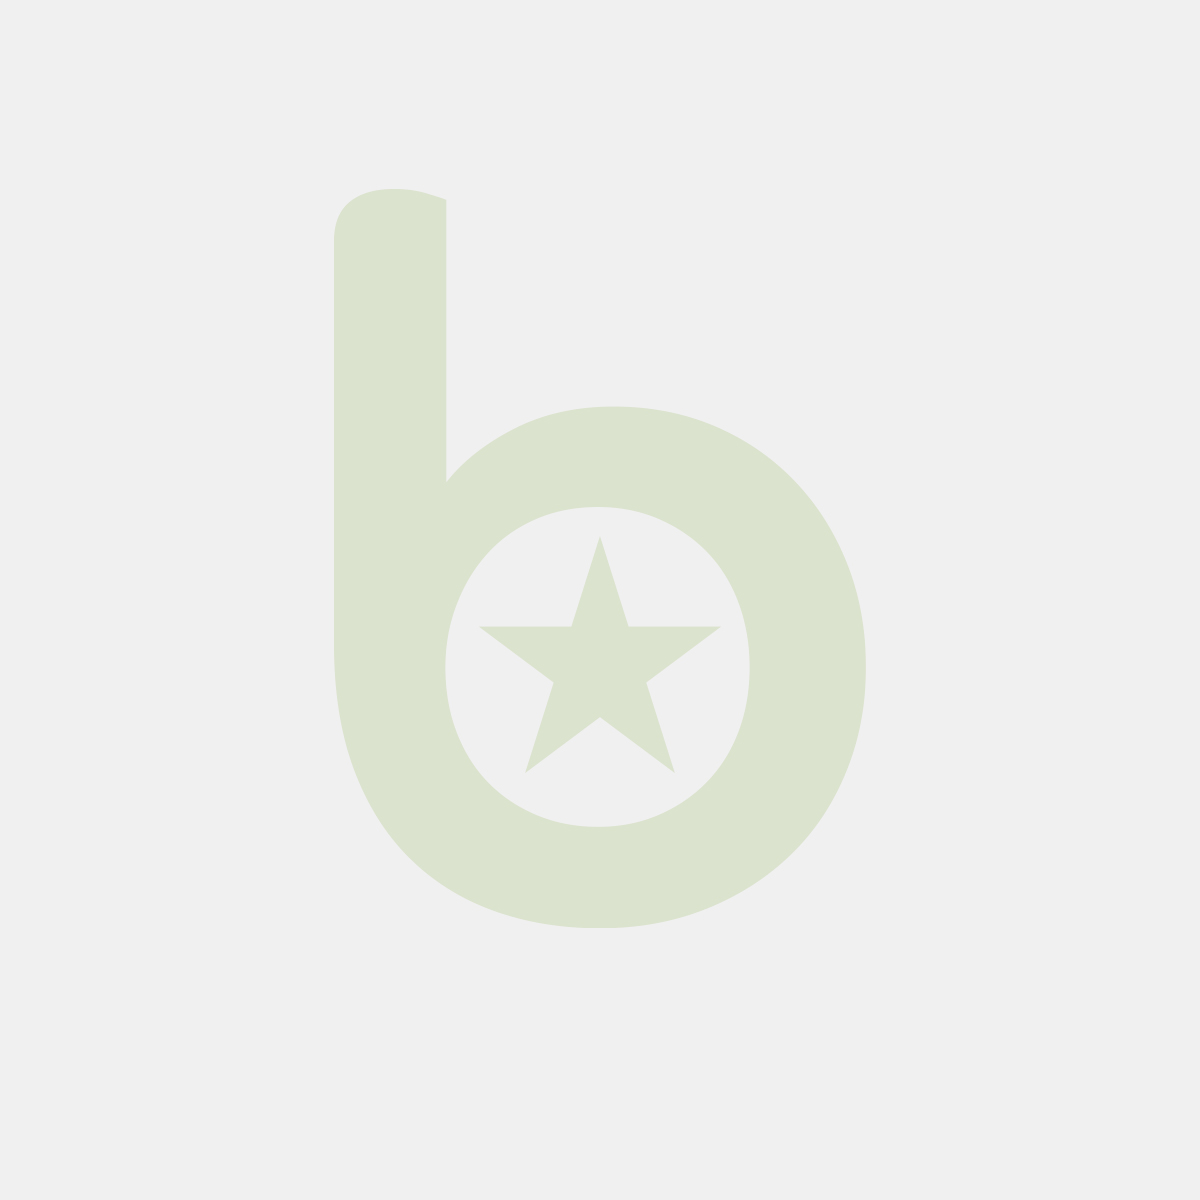 FINGERFOOD - kubek wysoki 85ml, krystaliczny, opakowanie 20 sztuk